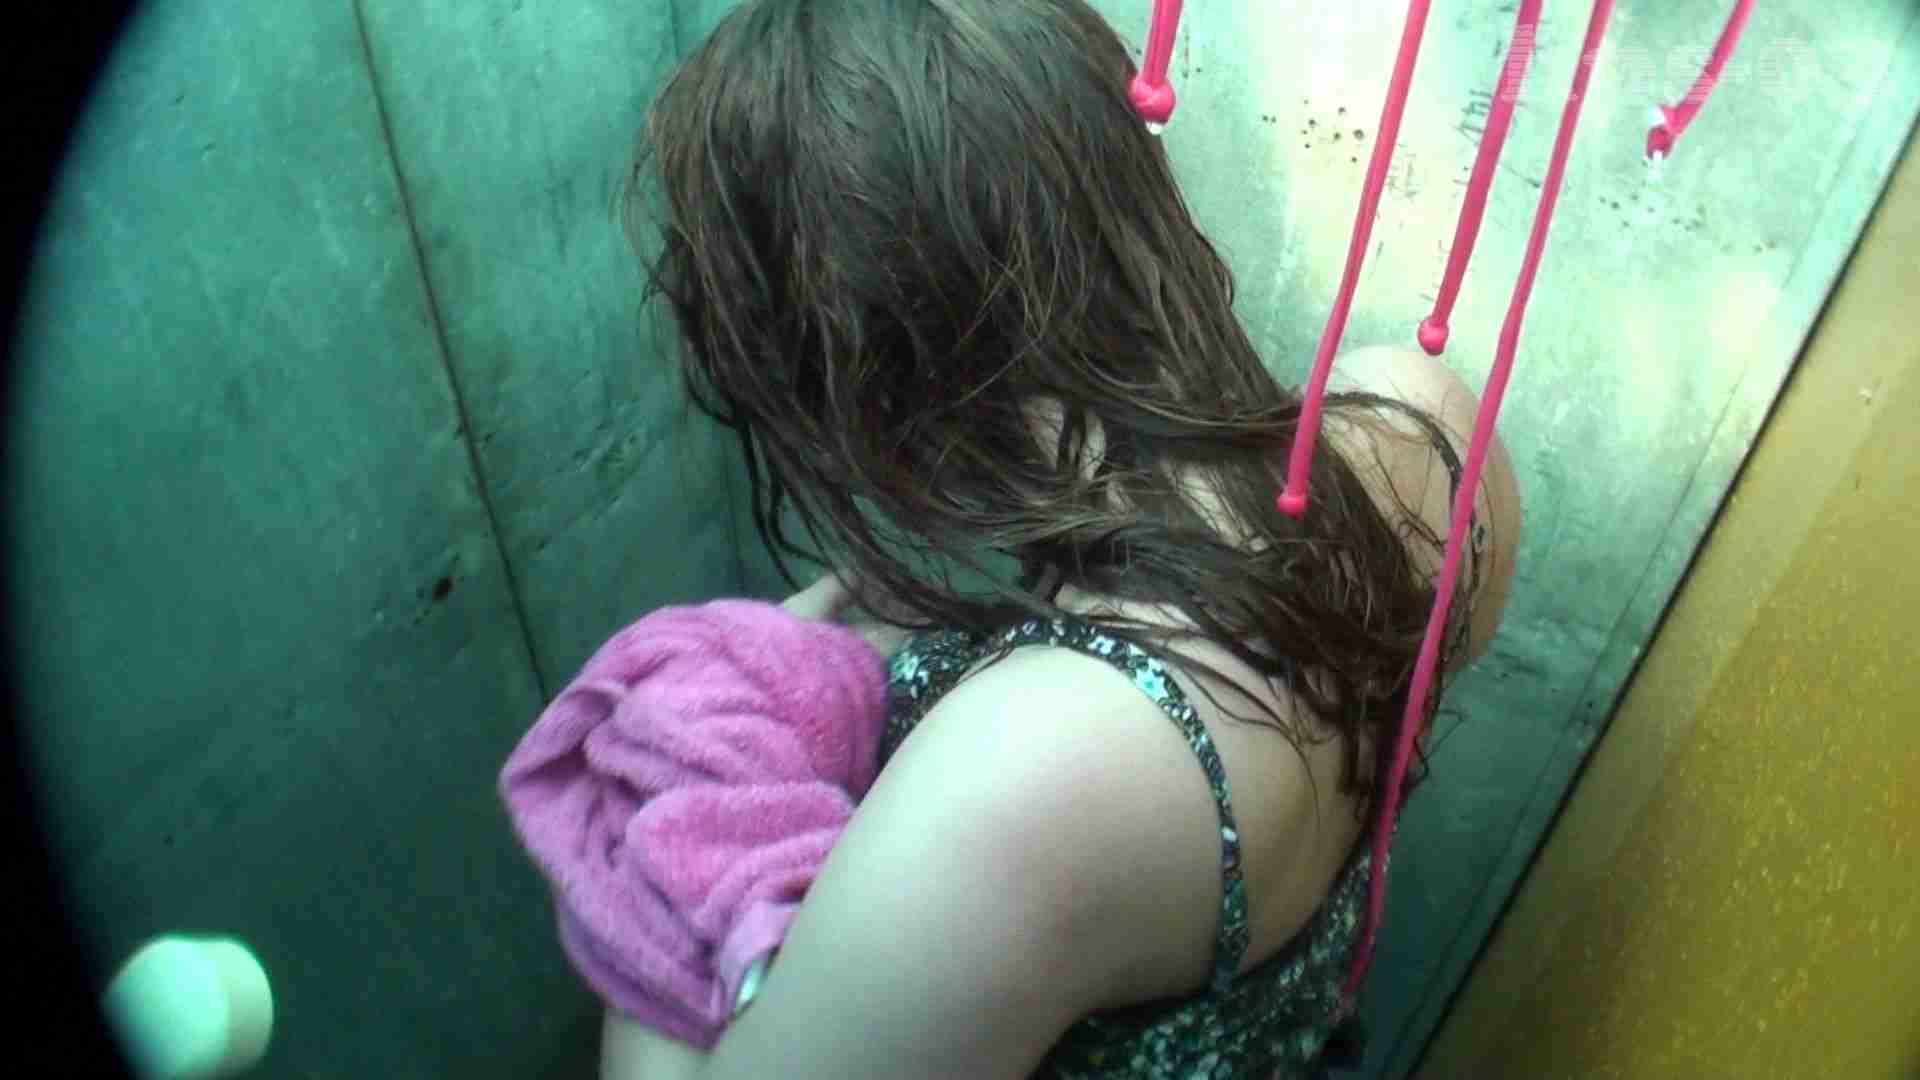 シャワールームは超!!危険な香りVol.3 ハートのタトゥーちょっとプヨってます。 高画質 隠し撮りすけべAV動画紹介 103画像 14